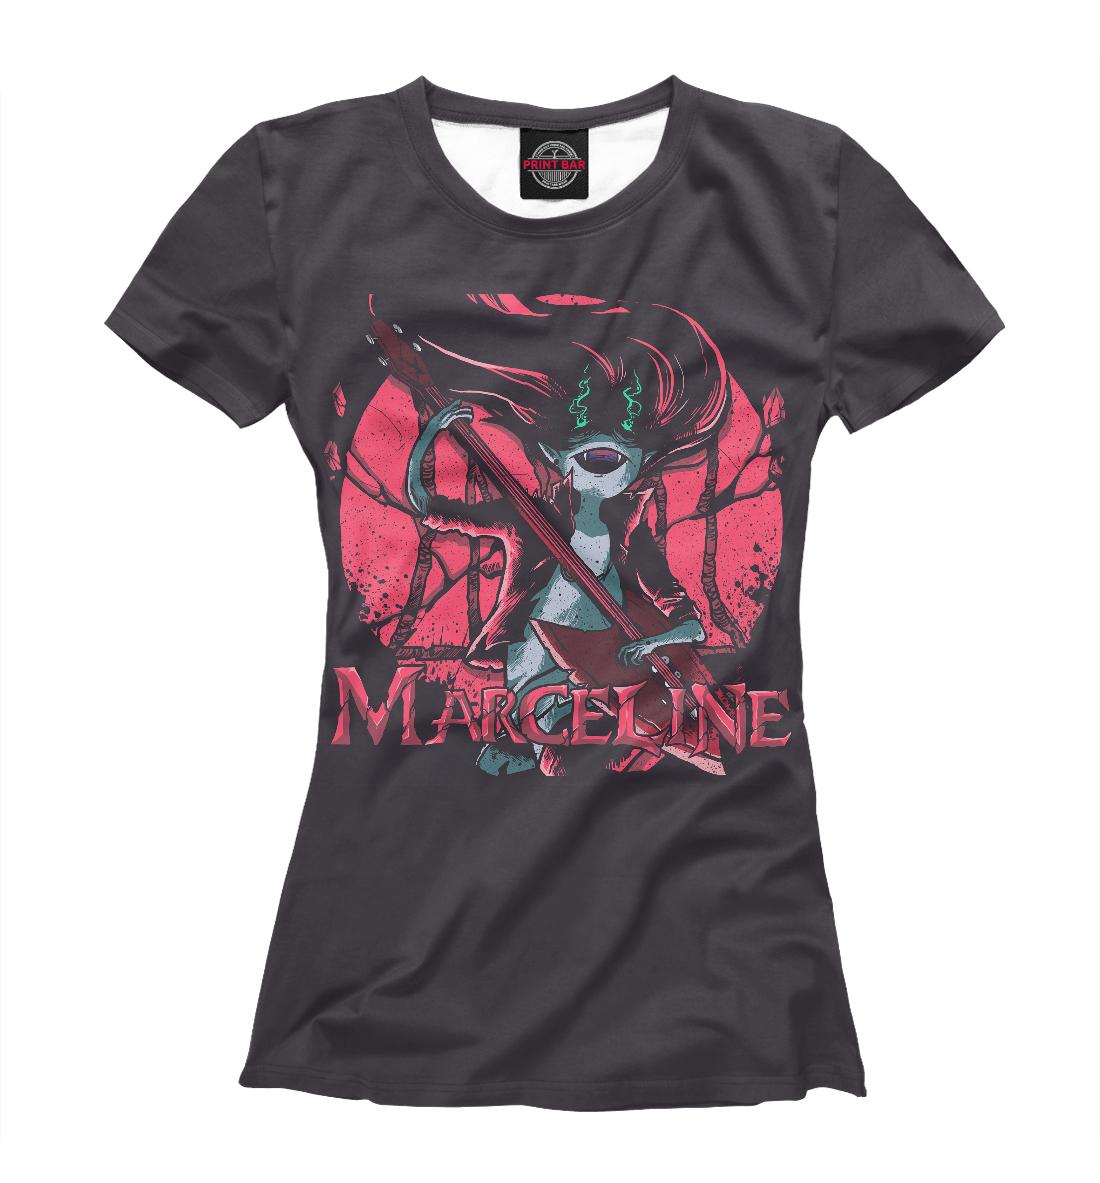 Купить Футболка для девочек Marceline ADV-937258-fut-1